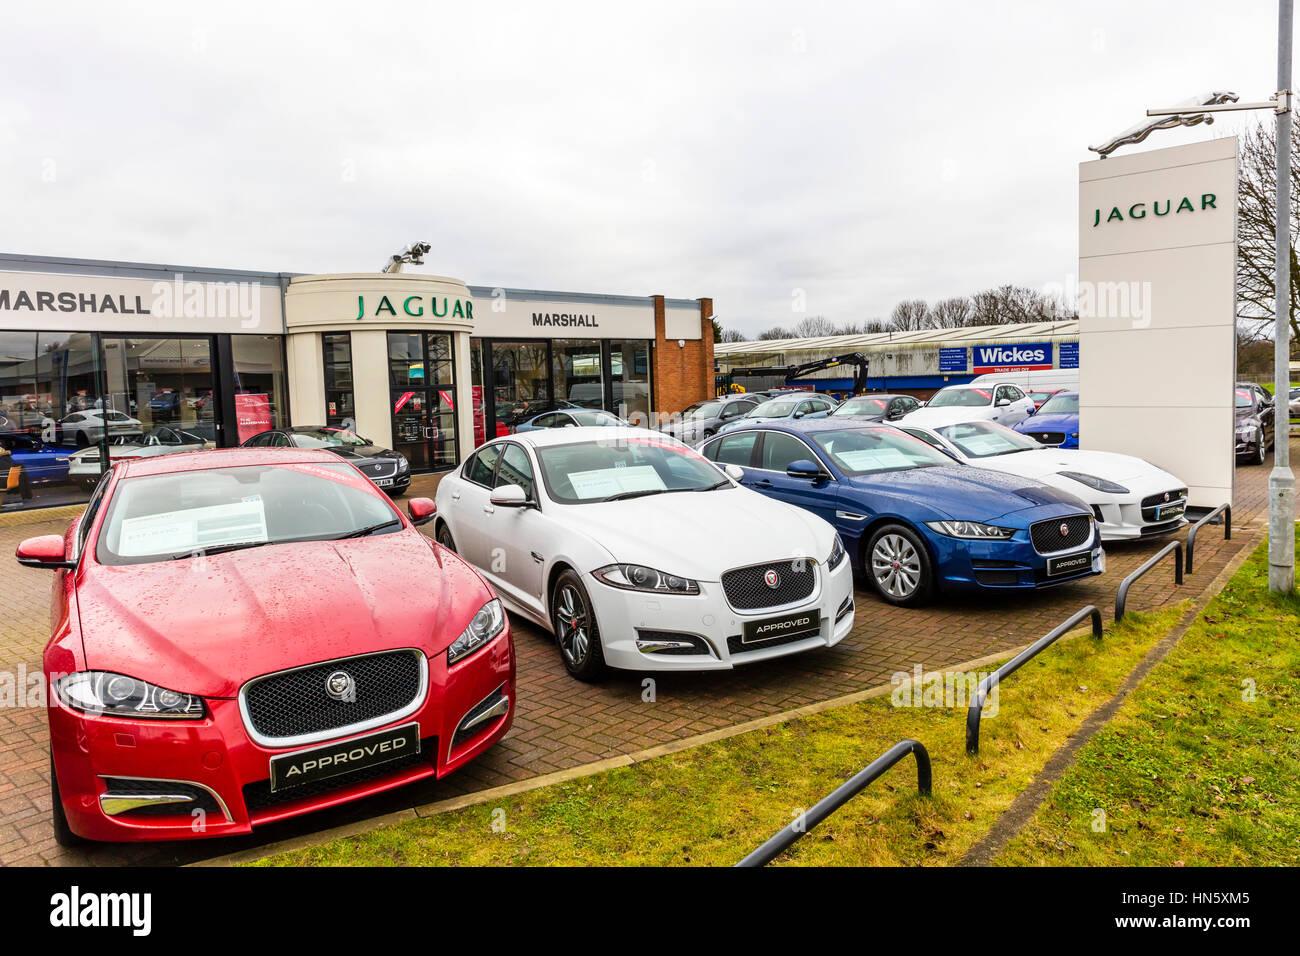 Jaguar car dealer dealership garage forecourt car sales selling cars ...